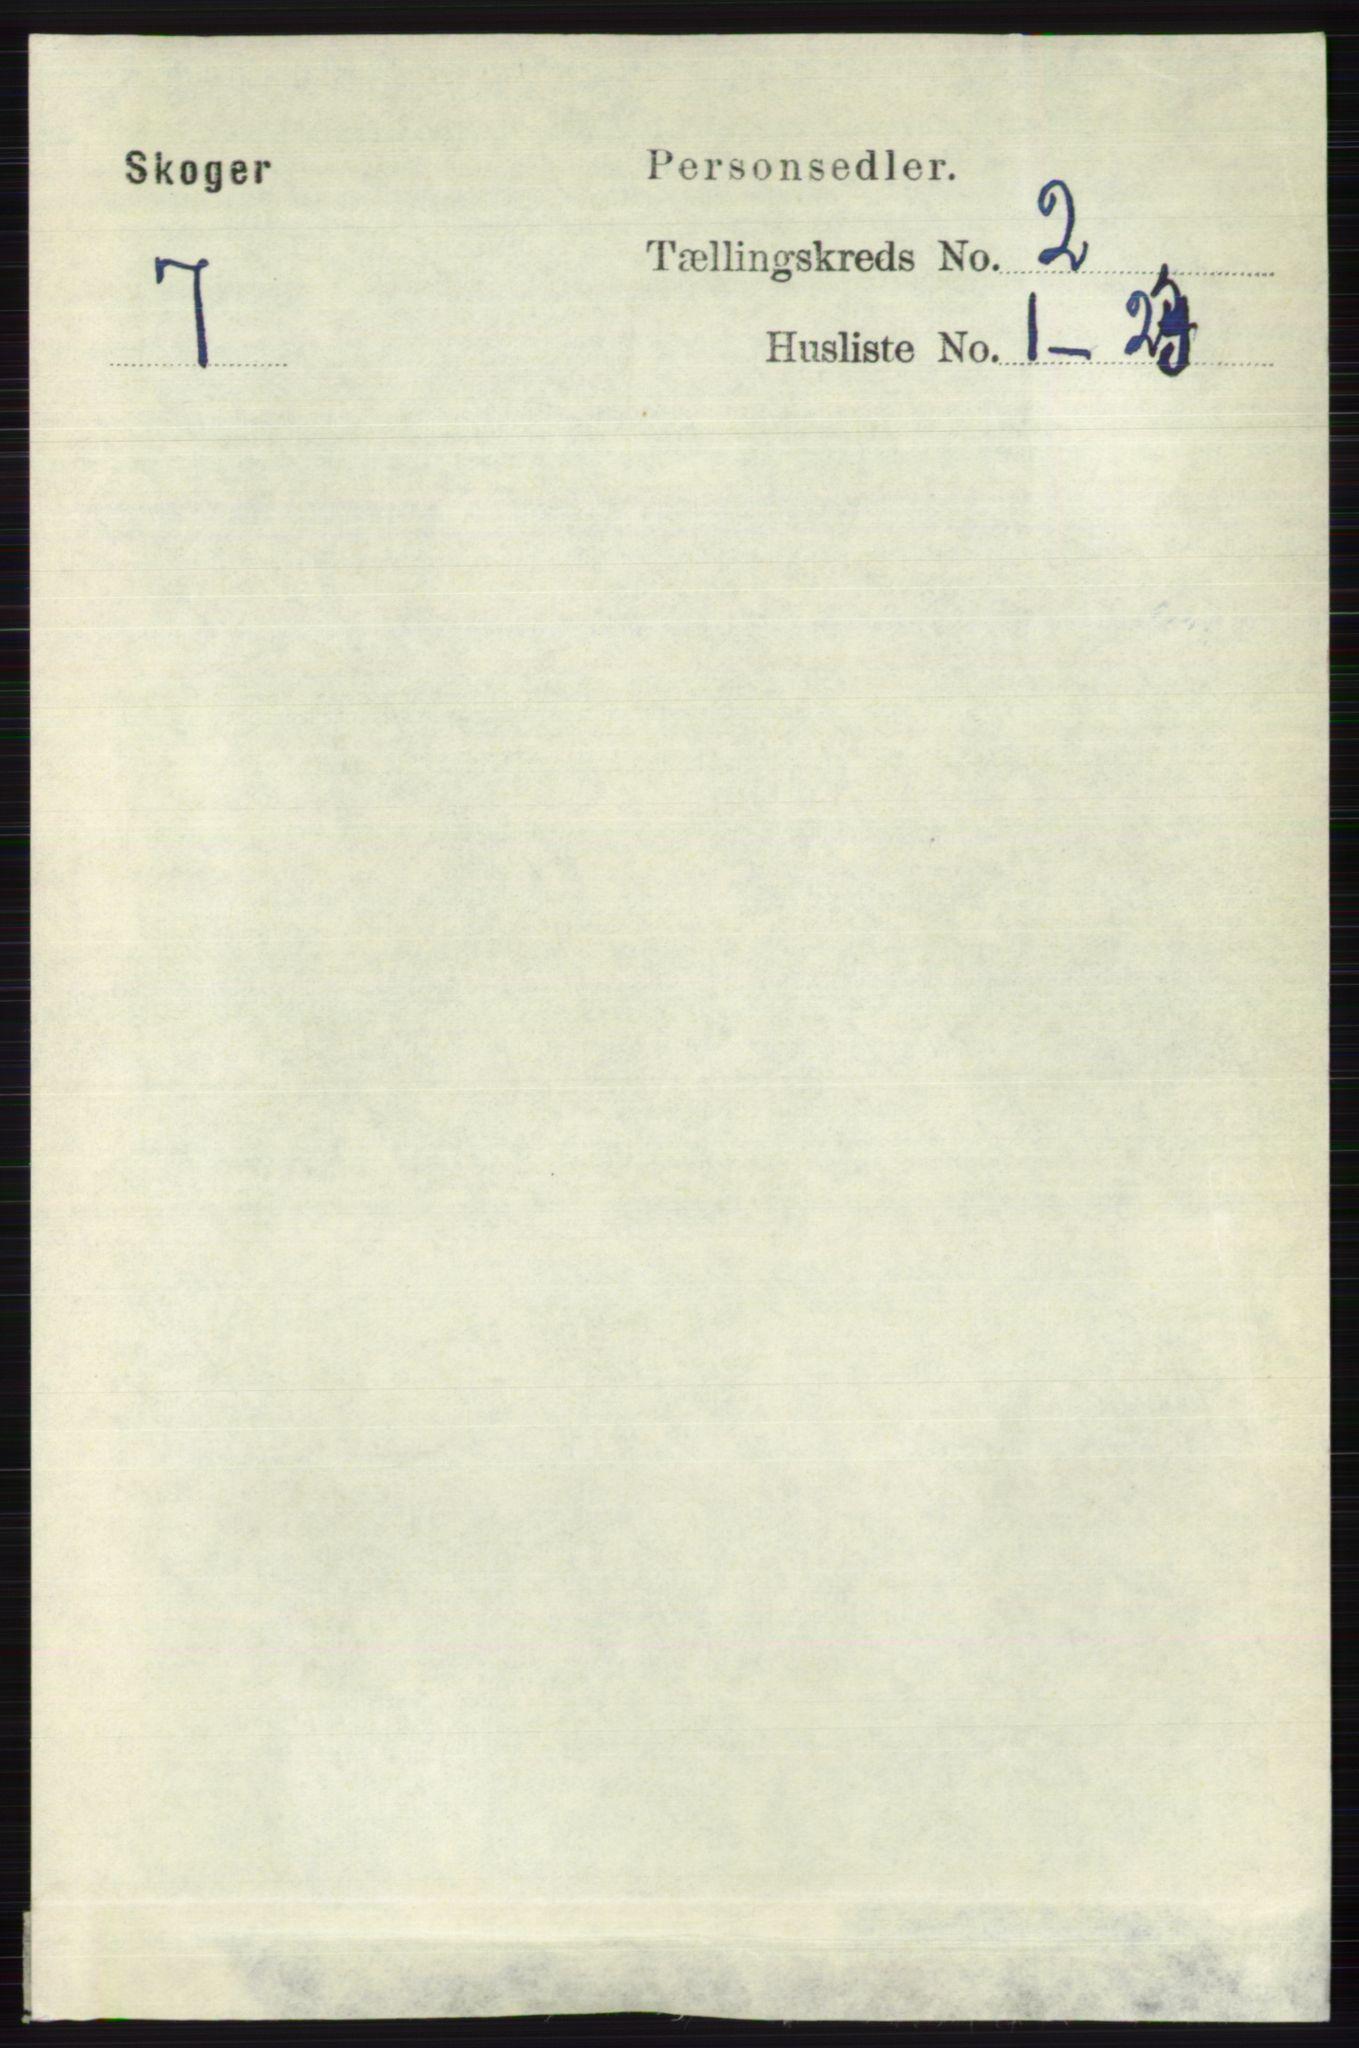 RA, Folketelling 1891 for 0712 Skoger herred, 1891, s. 854